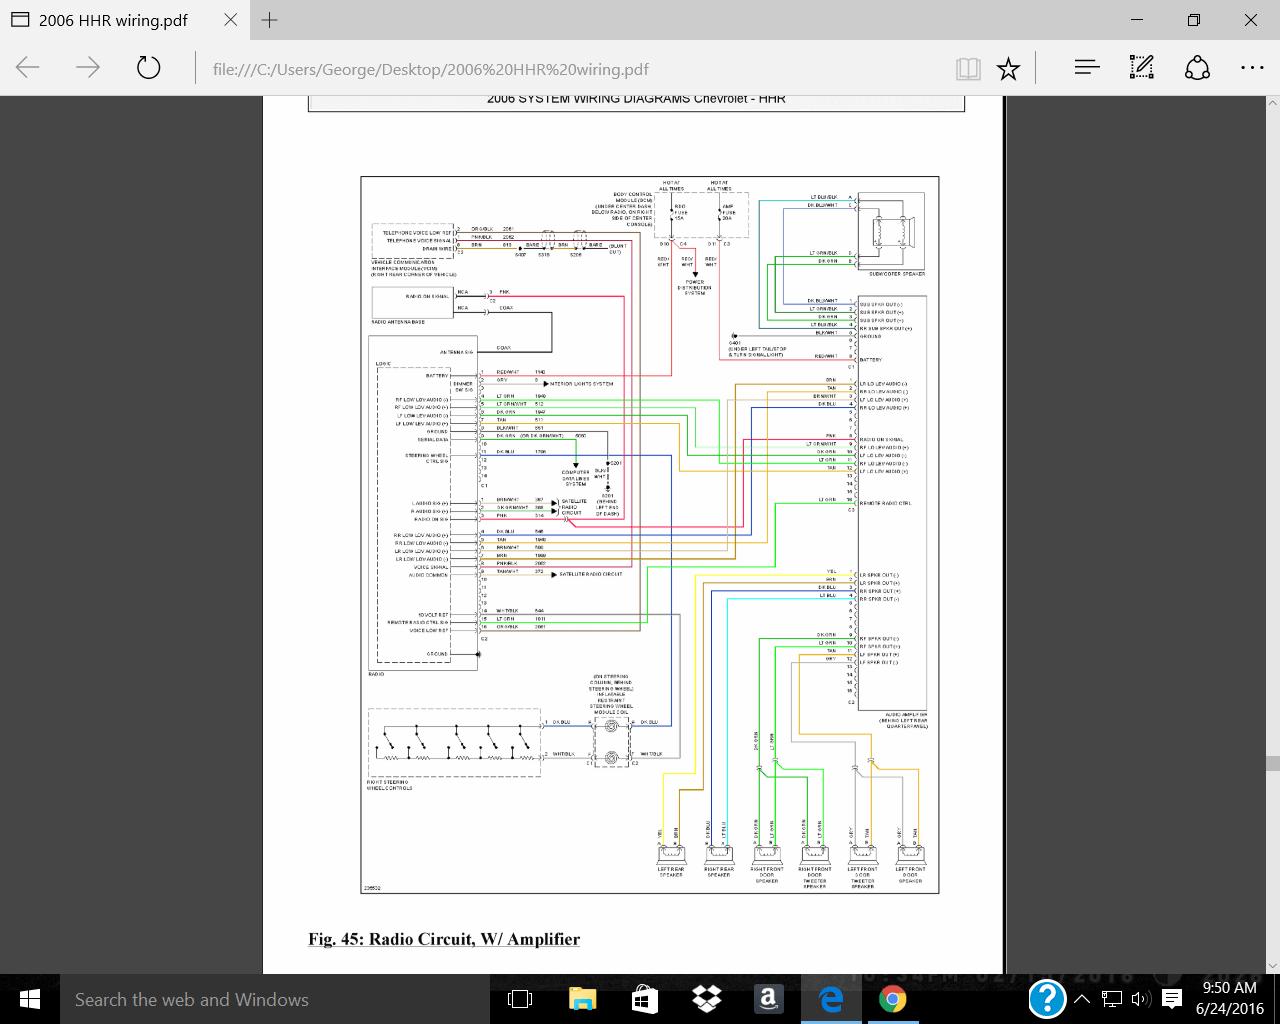 Wiring Diagram For Kubota Zd25 John Deere Lt133 Wiring Harness Cam – Kubota Zd28 Wiring-diagram